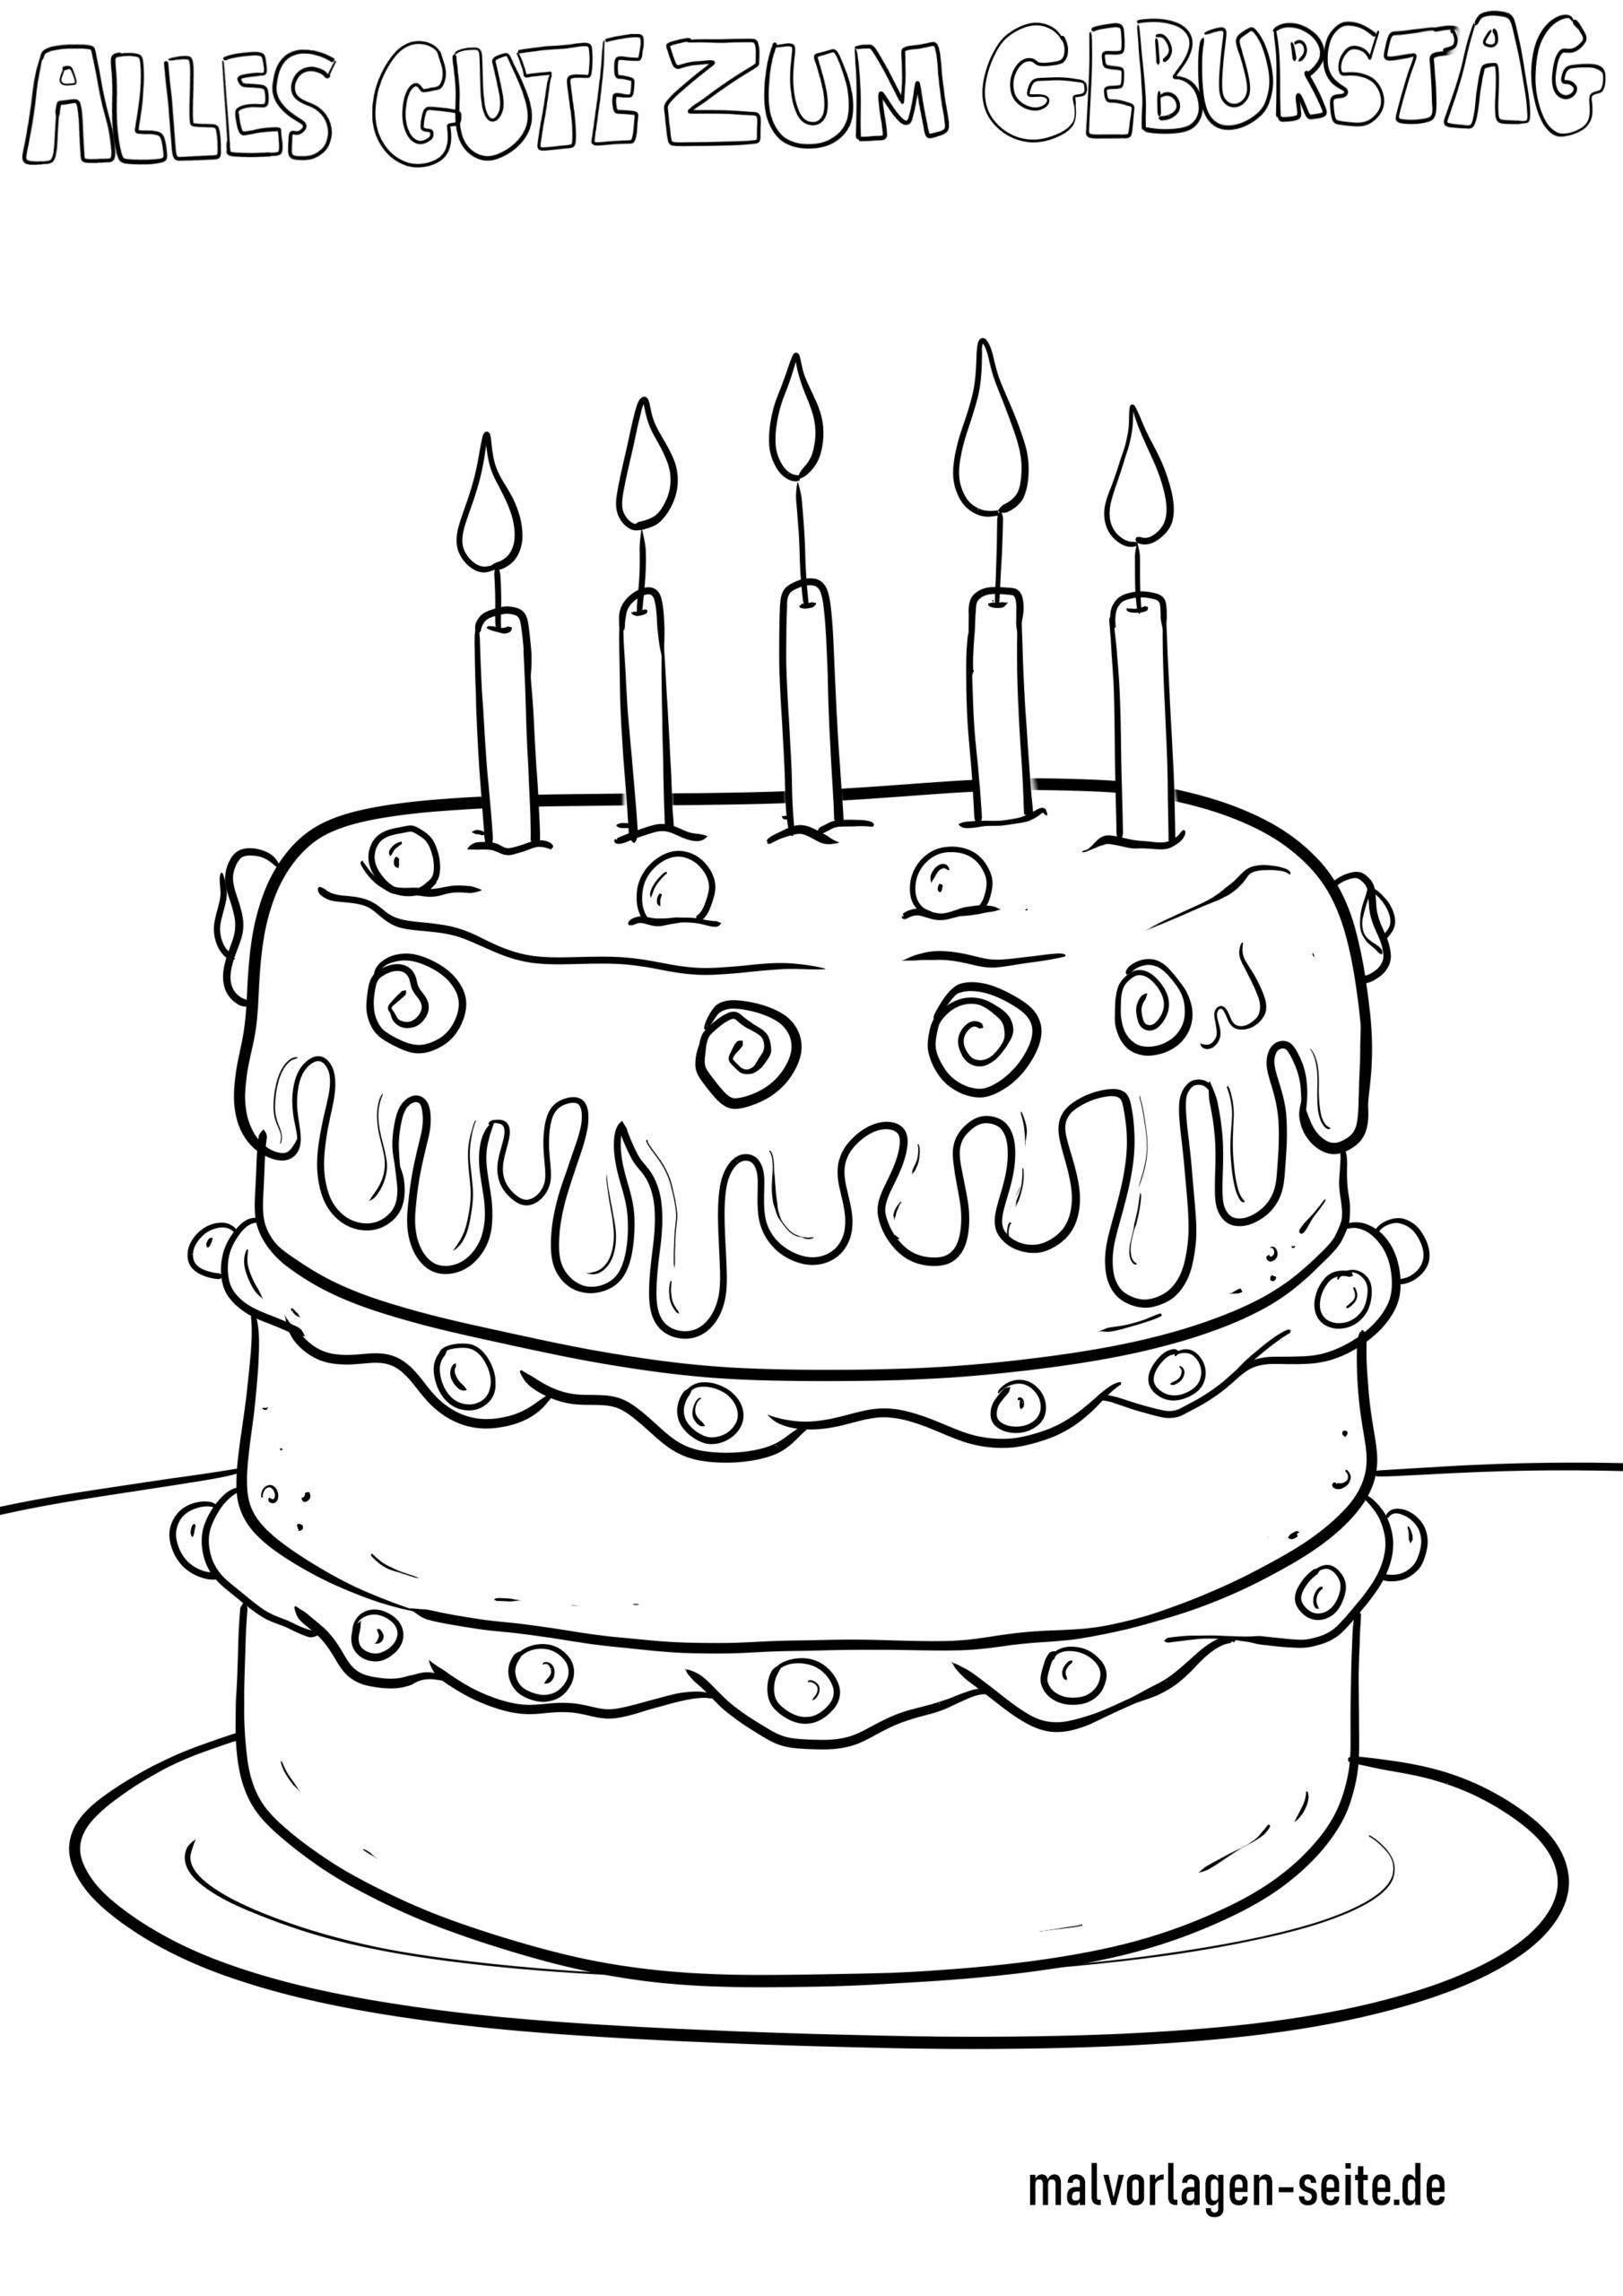 Malvorlage Alles Gute Zum Geburtstag - Ausmalbilder in Geburtstag Ausmalbilder